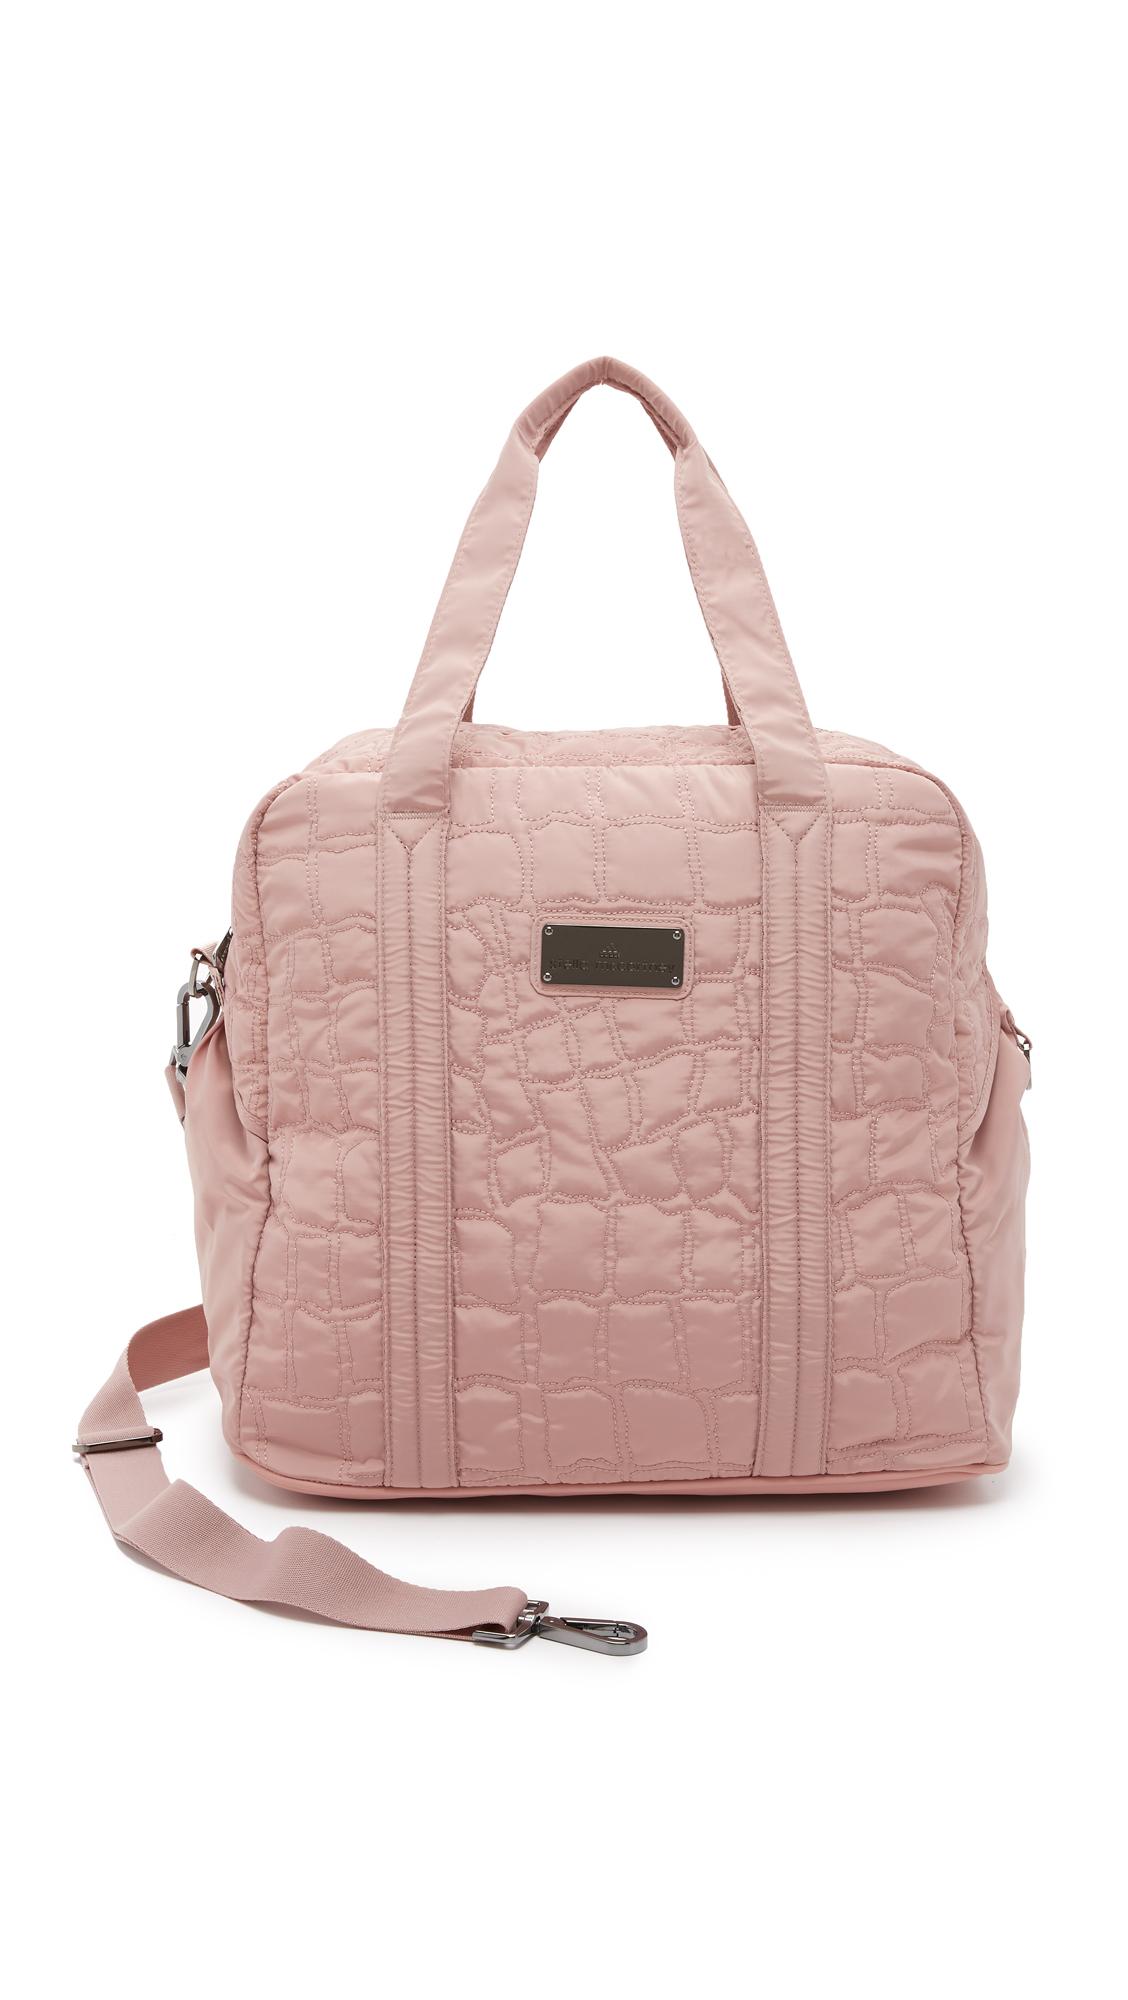 e9ff694076 adidas by Stella McCartney Essentials Bag